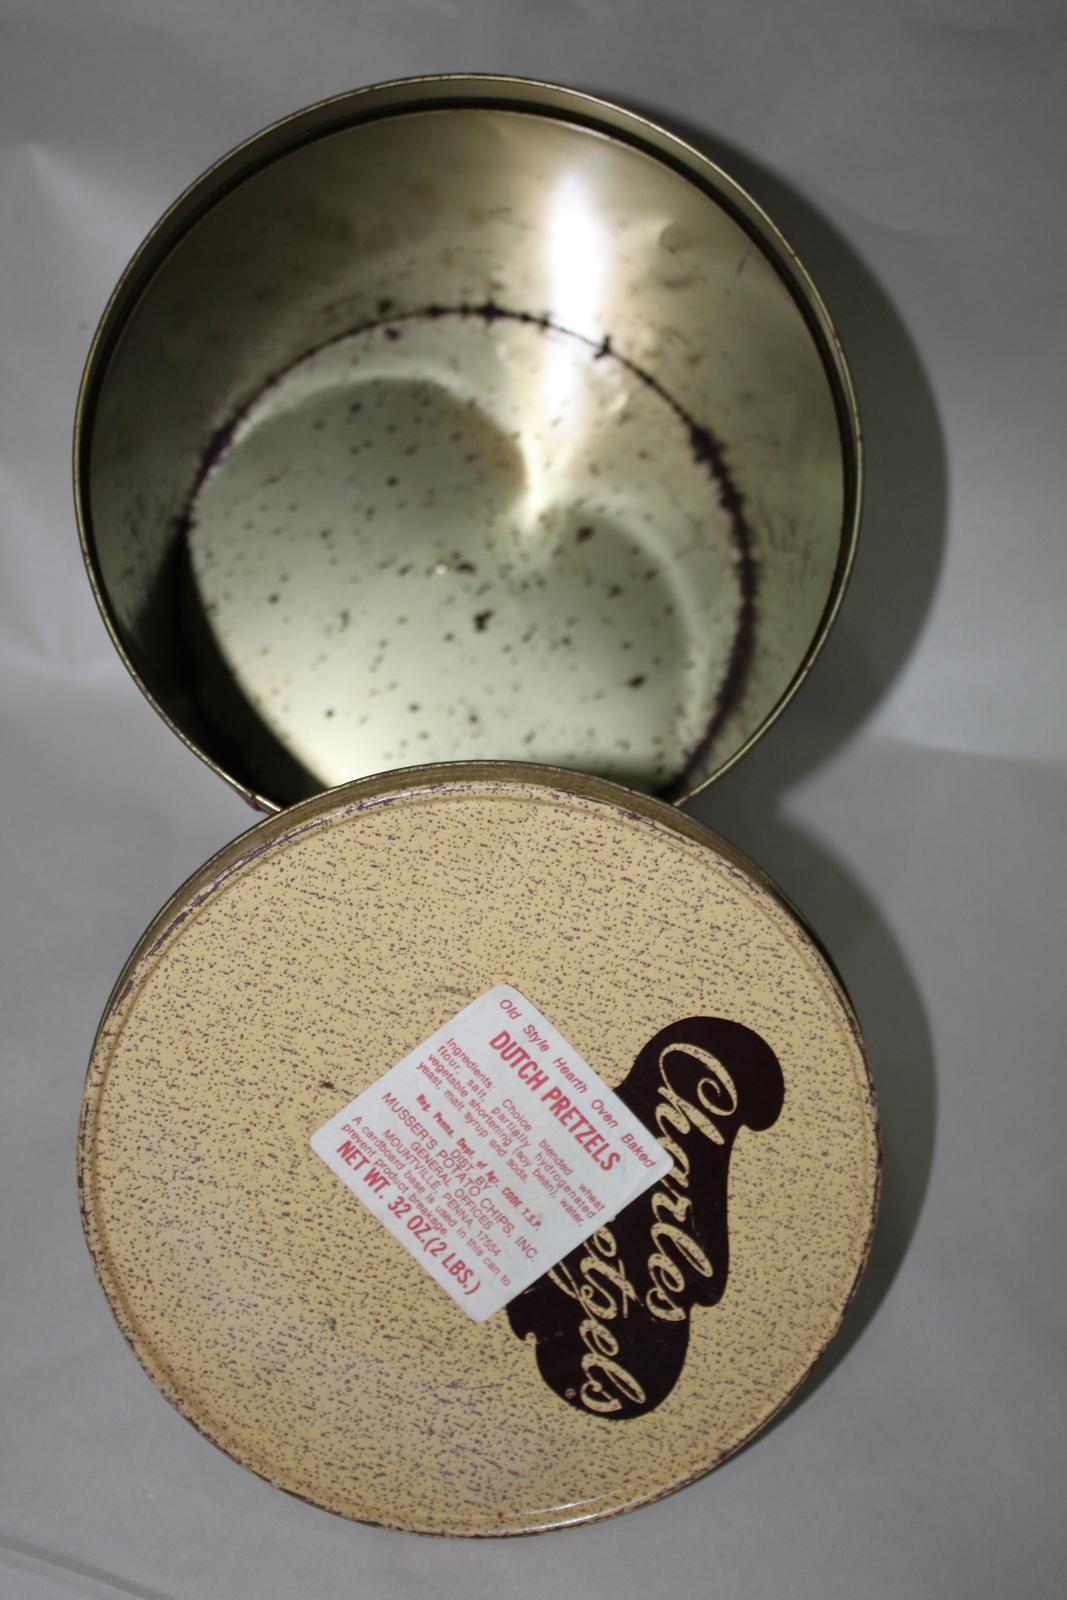 Charles Chips Pretzels Musser's Vintage Decor Tin image 2